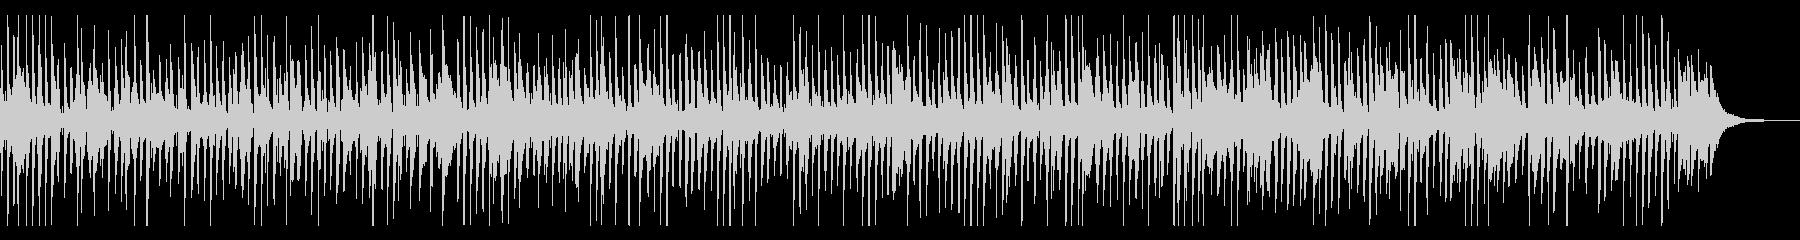 プロ生演奏・陽気なピアノデキシージャズの未再生の波形